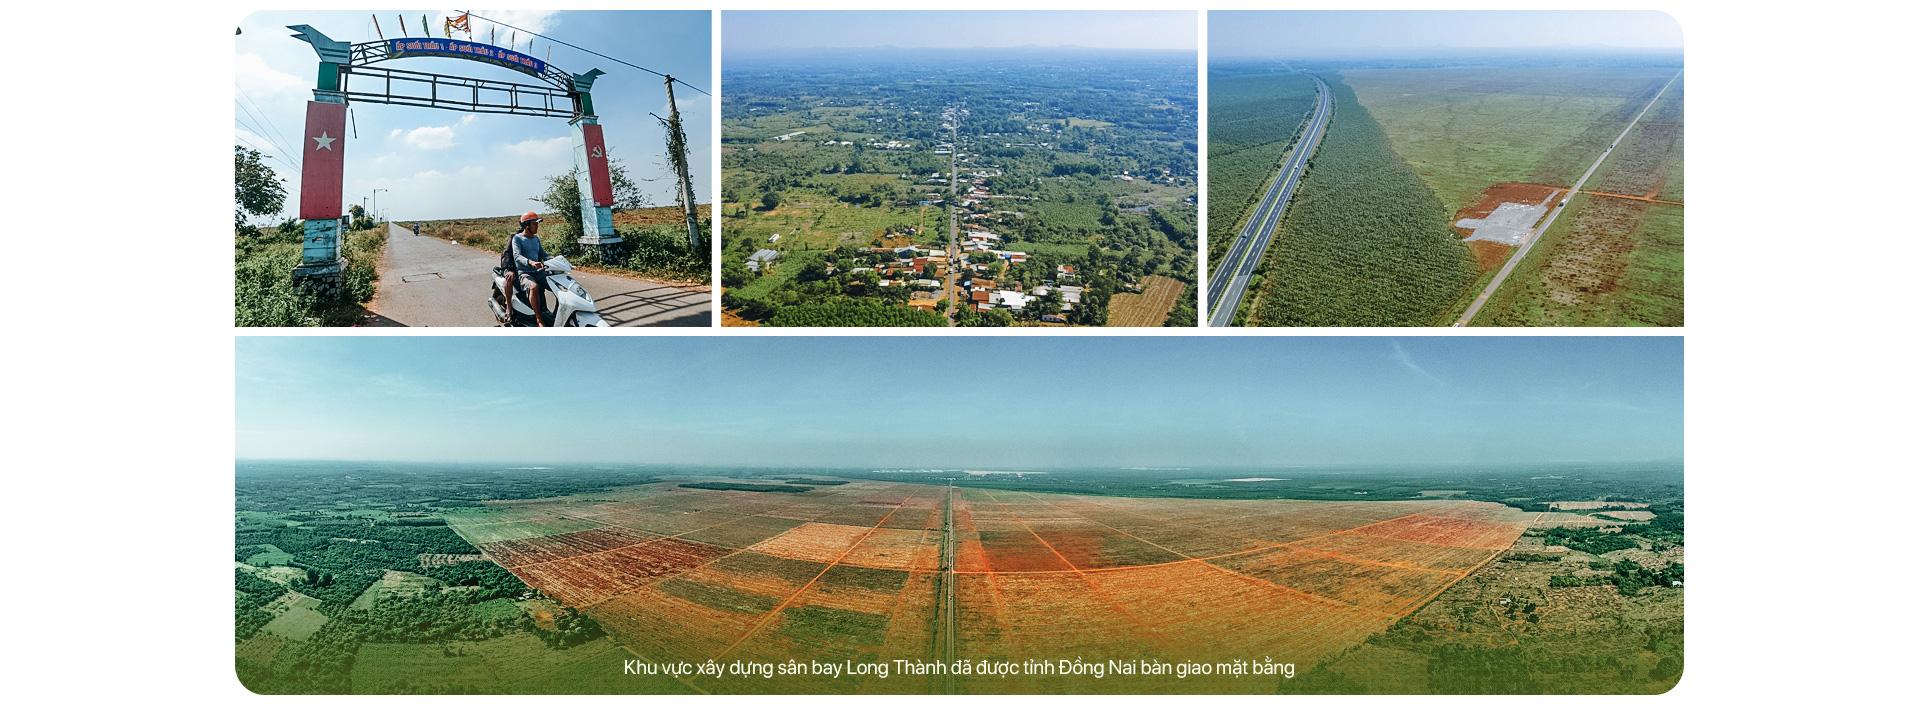 Sân bay quốc tế Long Thành, ngày cất cánh không còn xa - Ảnh 3.